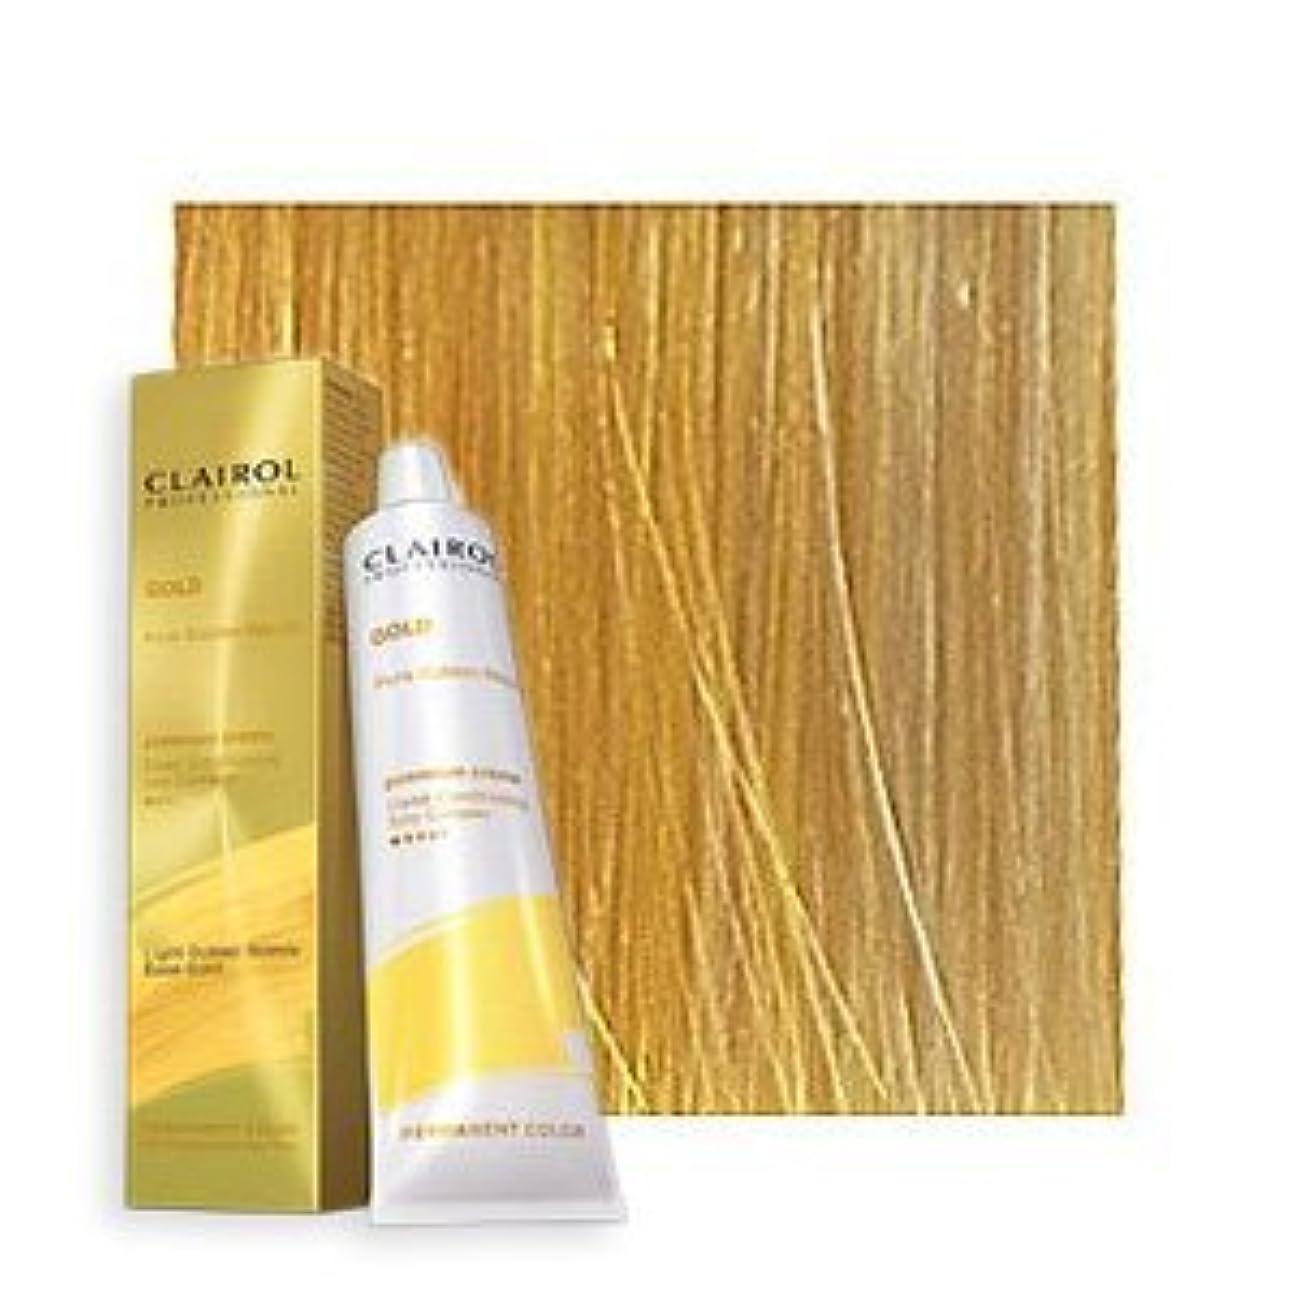 ホテル証言する薬を飲むClairol Professional - SOY4PLEX - Lightest Golden Blonde 10G - 2 oz / 57 g